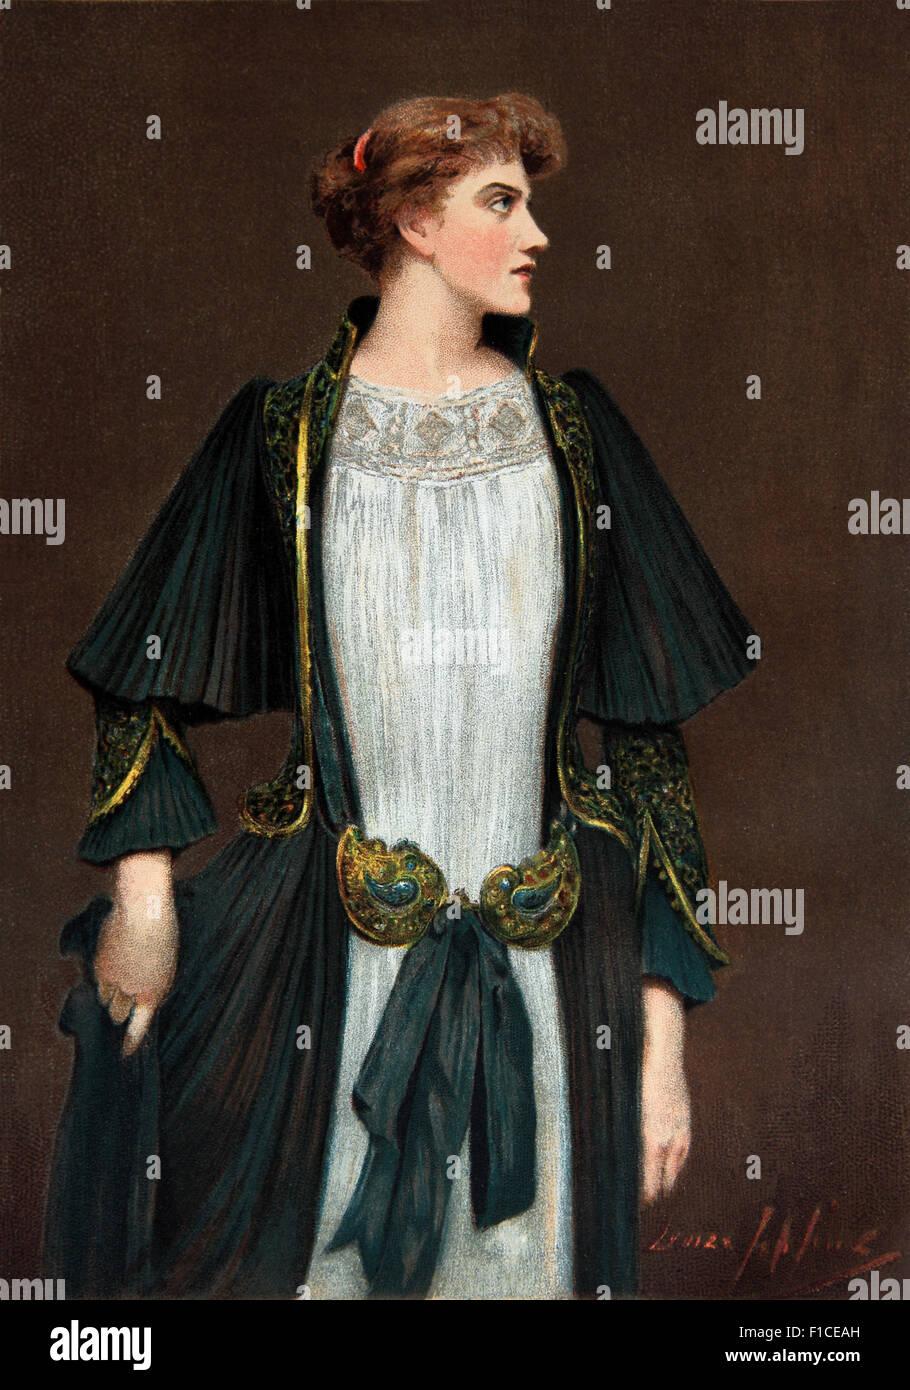 """Louise Jopling Öl auf Leinwand """"Sehr geehrte Dame verachten"""" im Jahre 1891 in der Royal Academy ausgestellt Stockbild"""